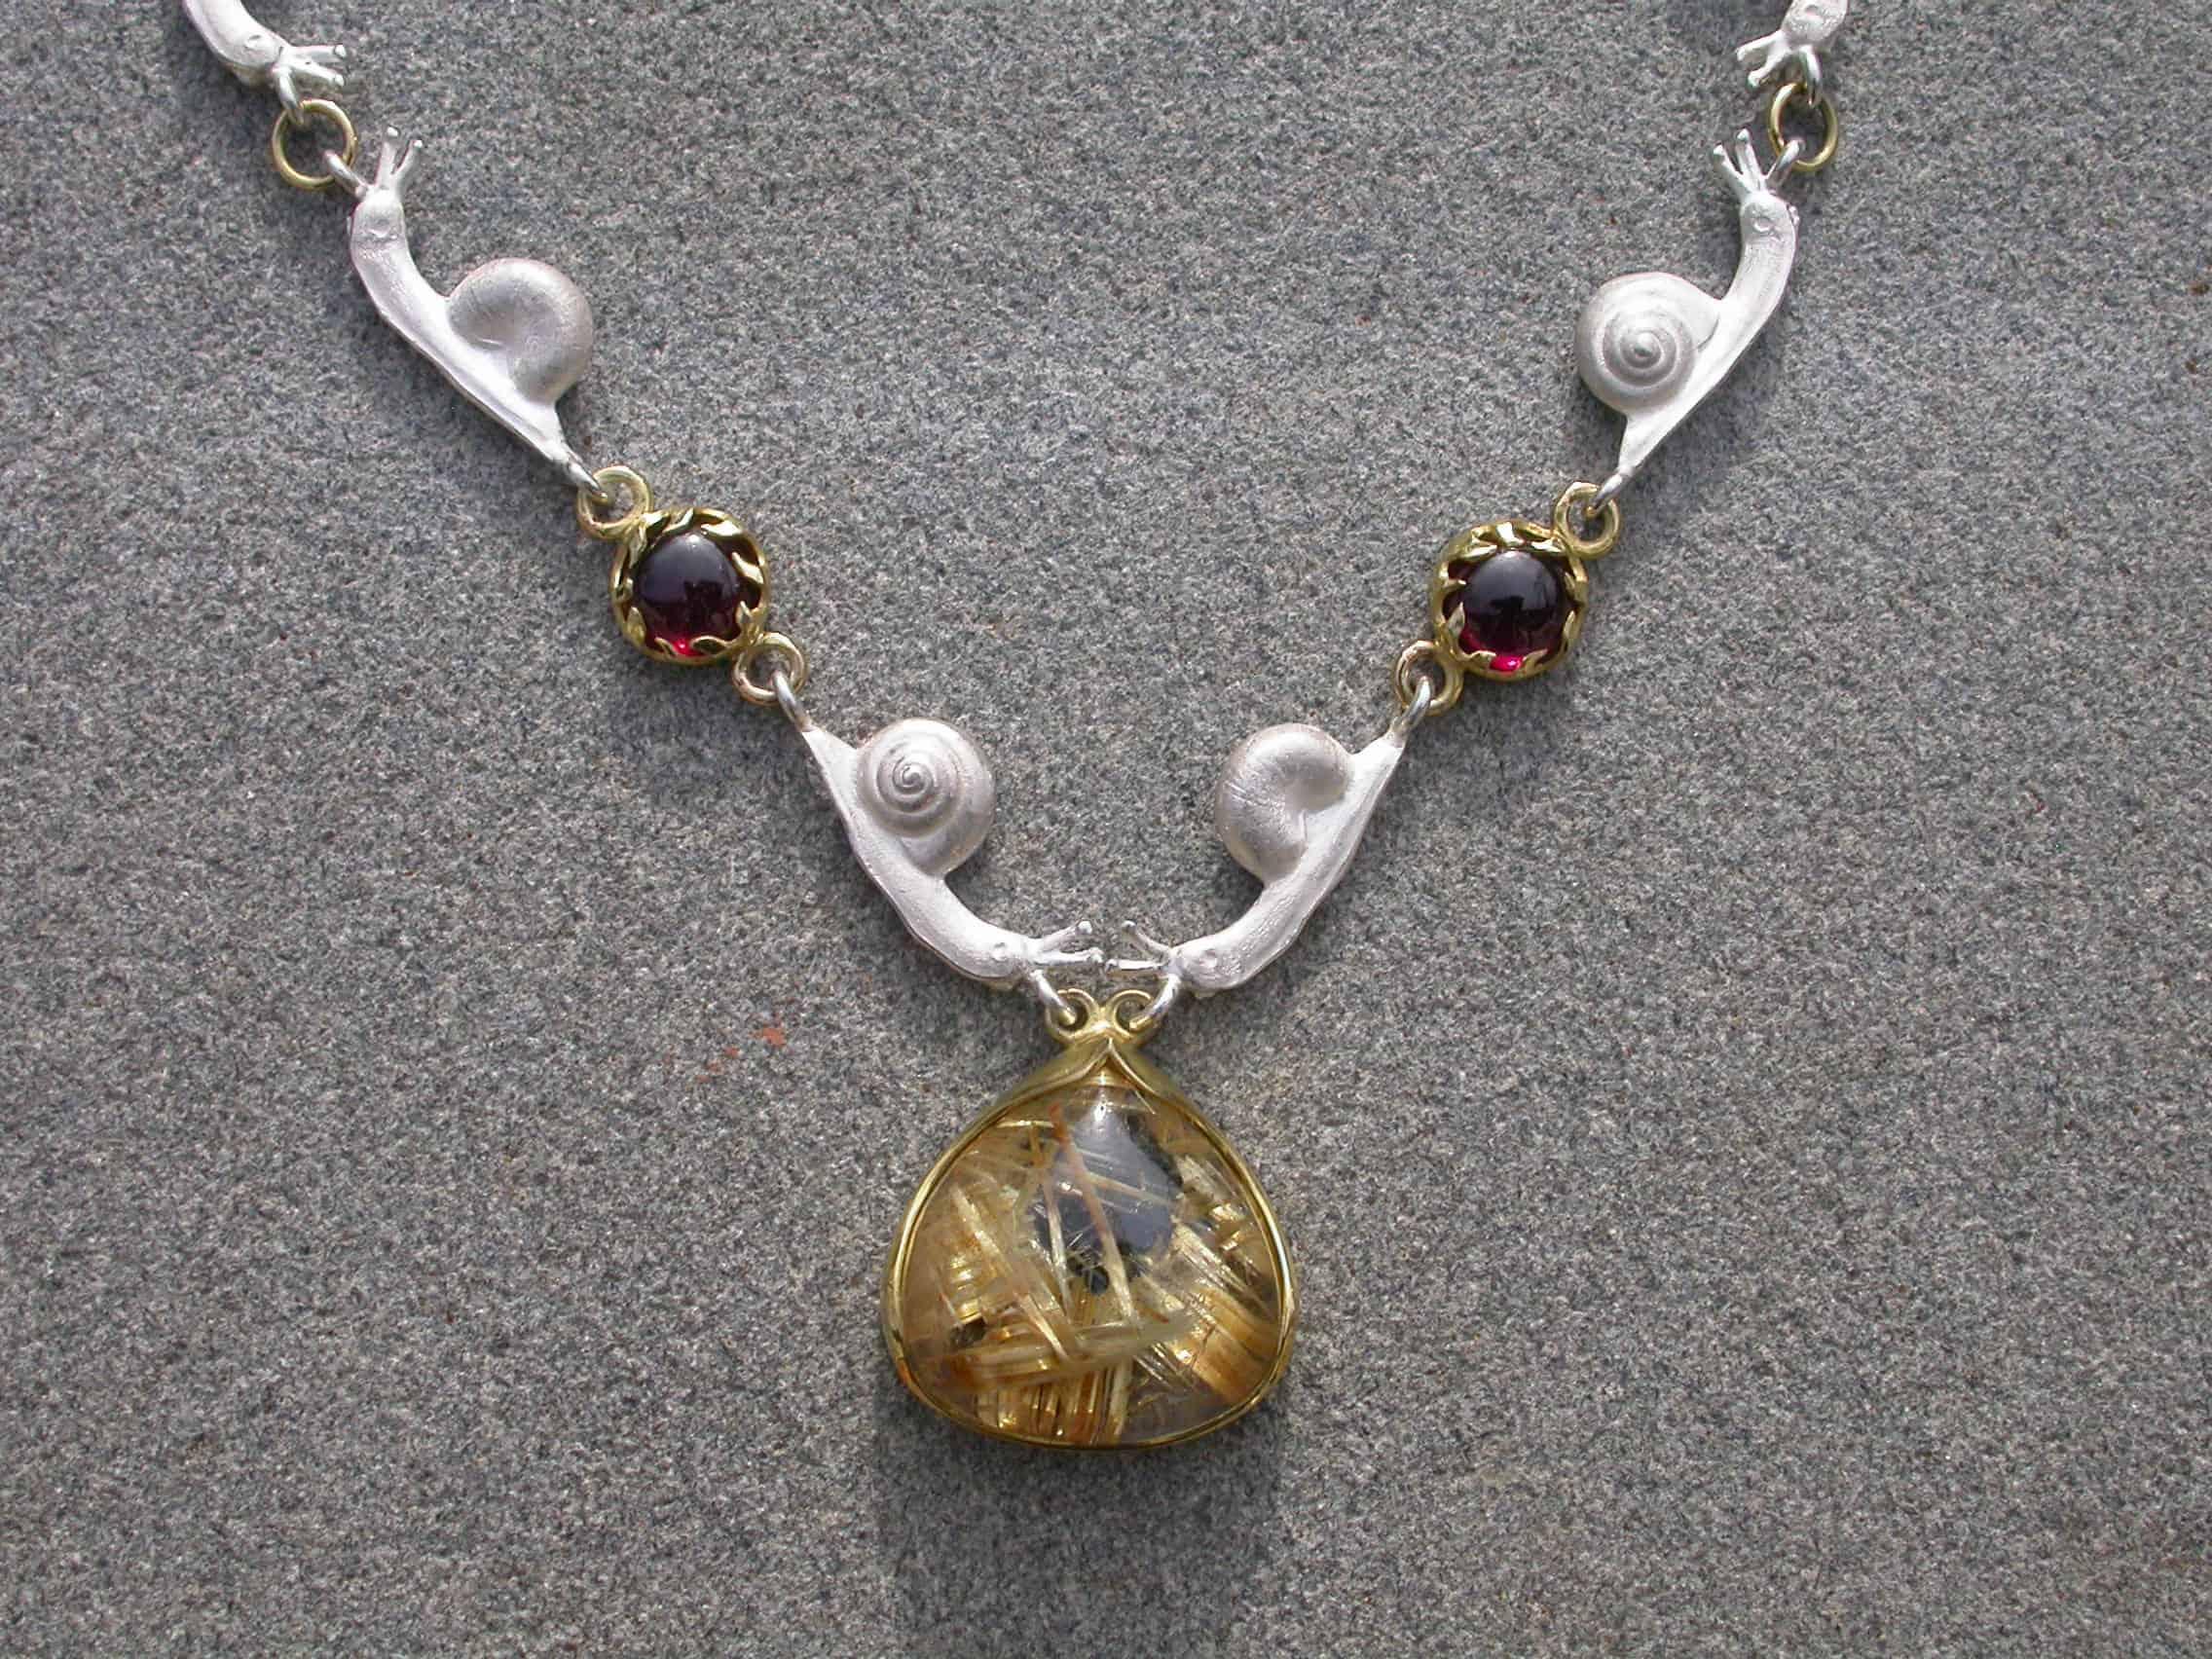 Unique necklaces slugs, quartz with rutile, garnet 18k gold, sterling silver